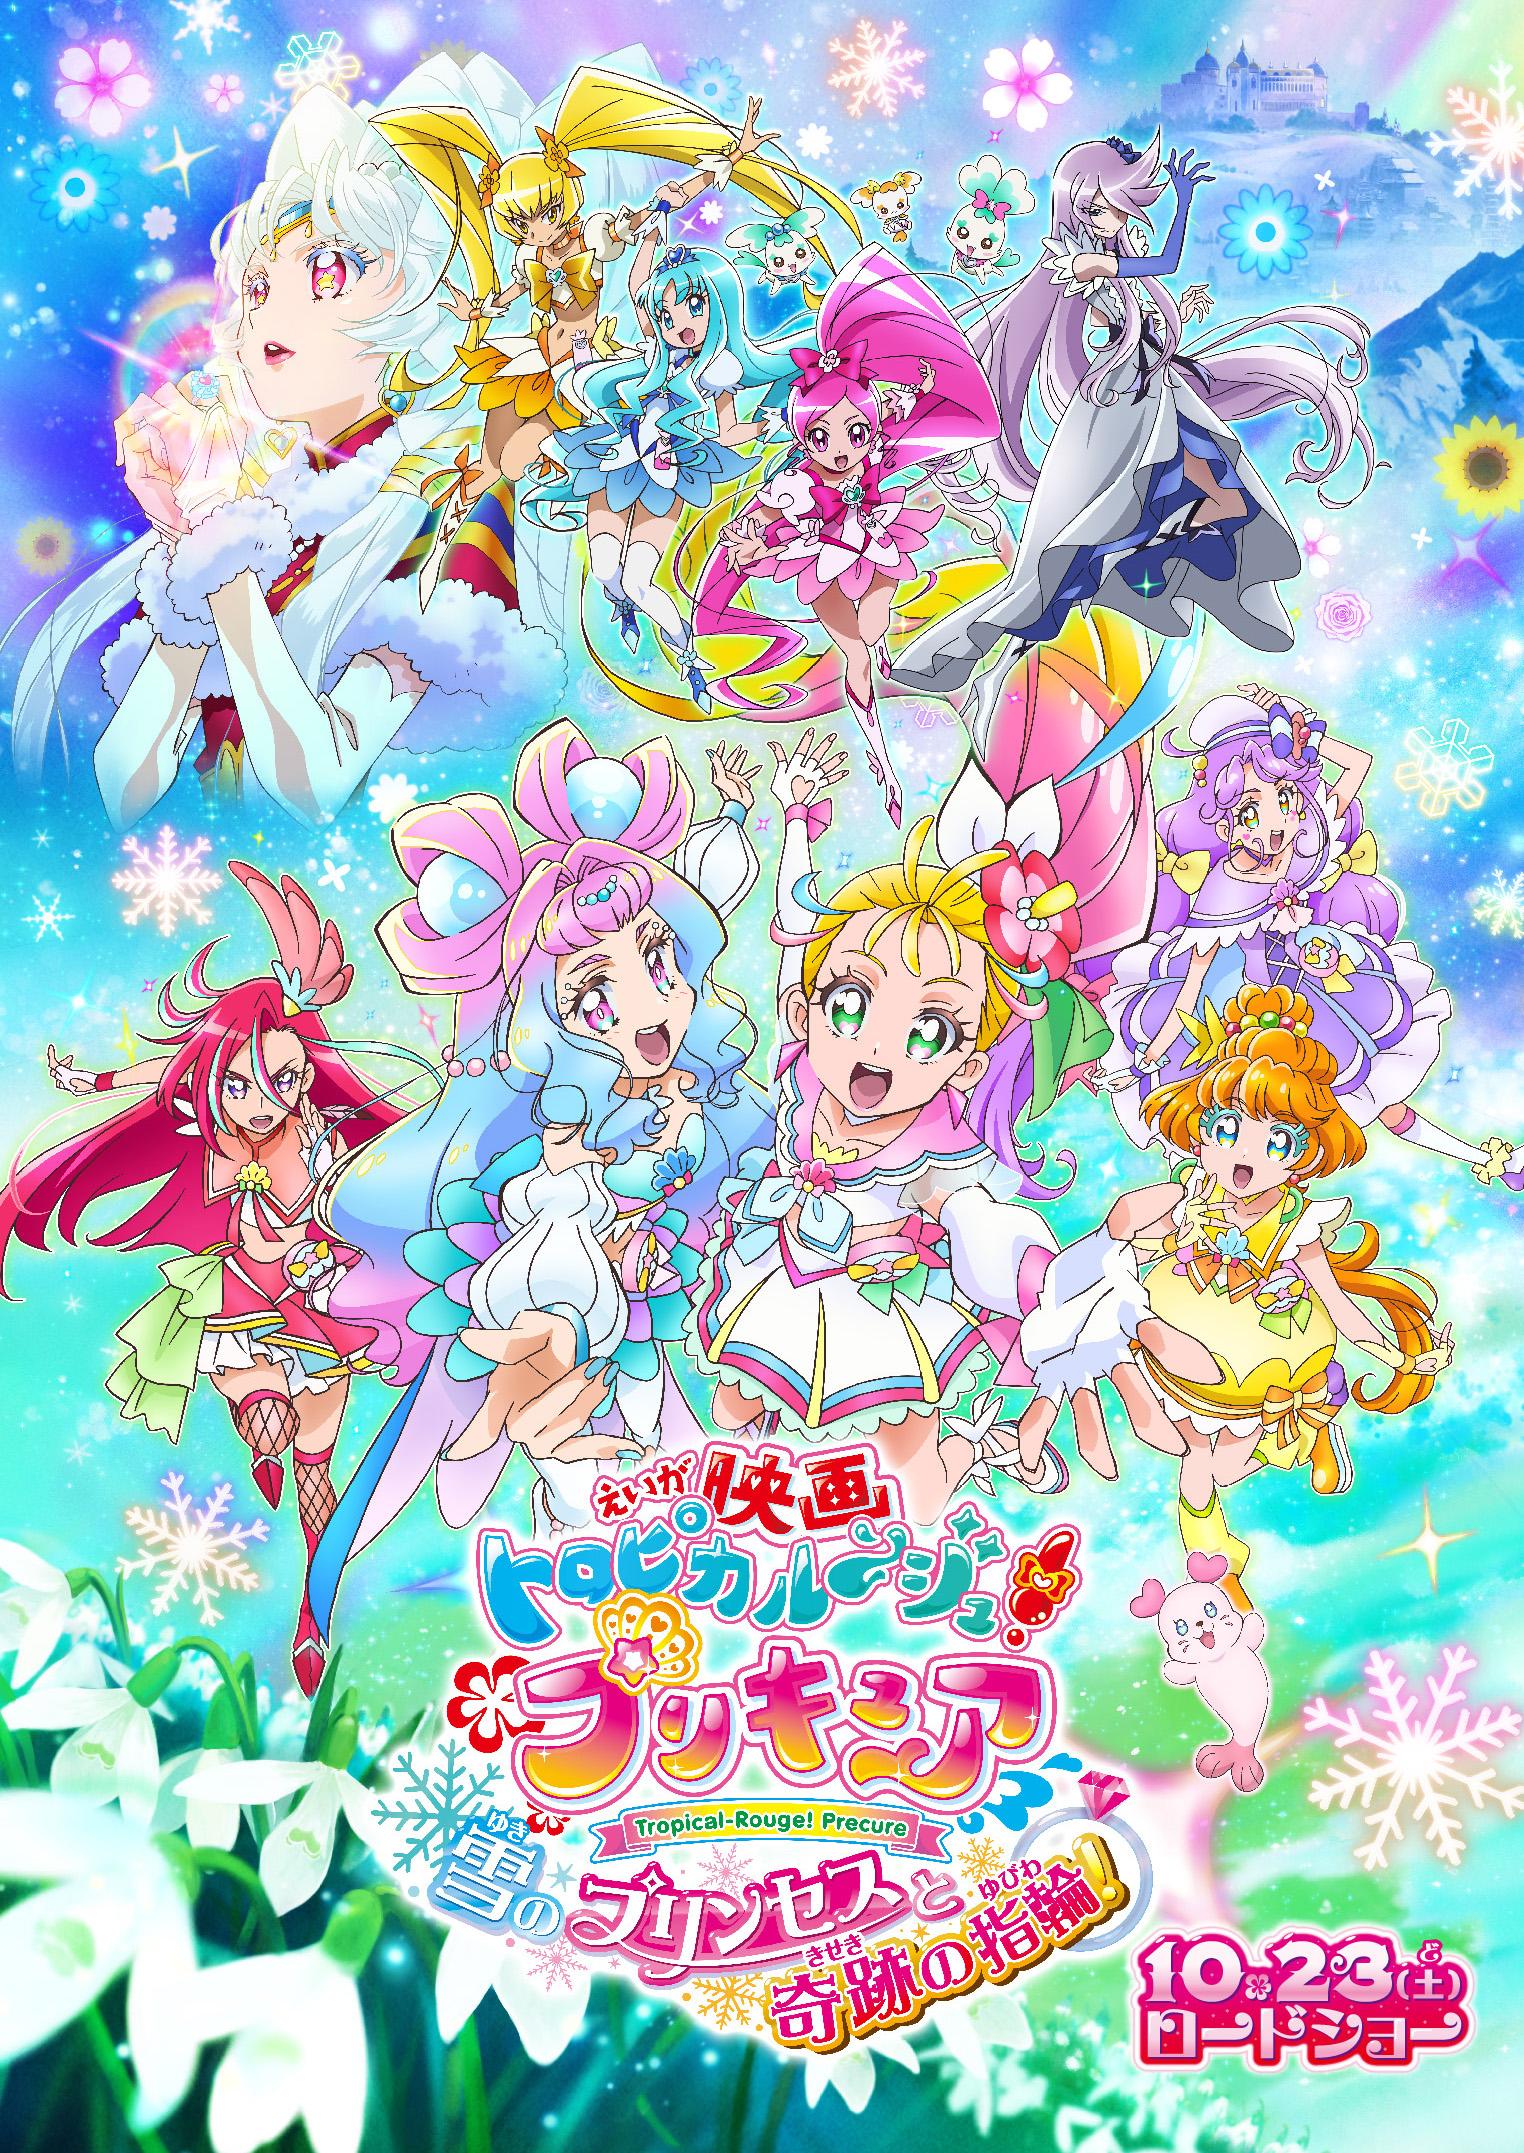 映画「プリキュア」最新作は「トロプリ×ハトプリ」!ゲスト声優は松本まりかさん